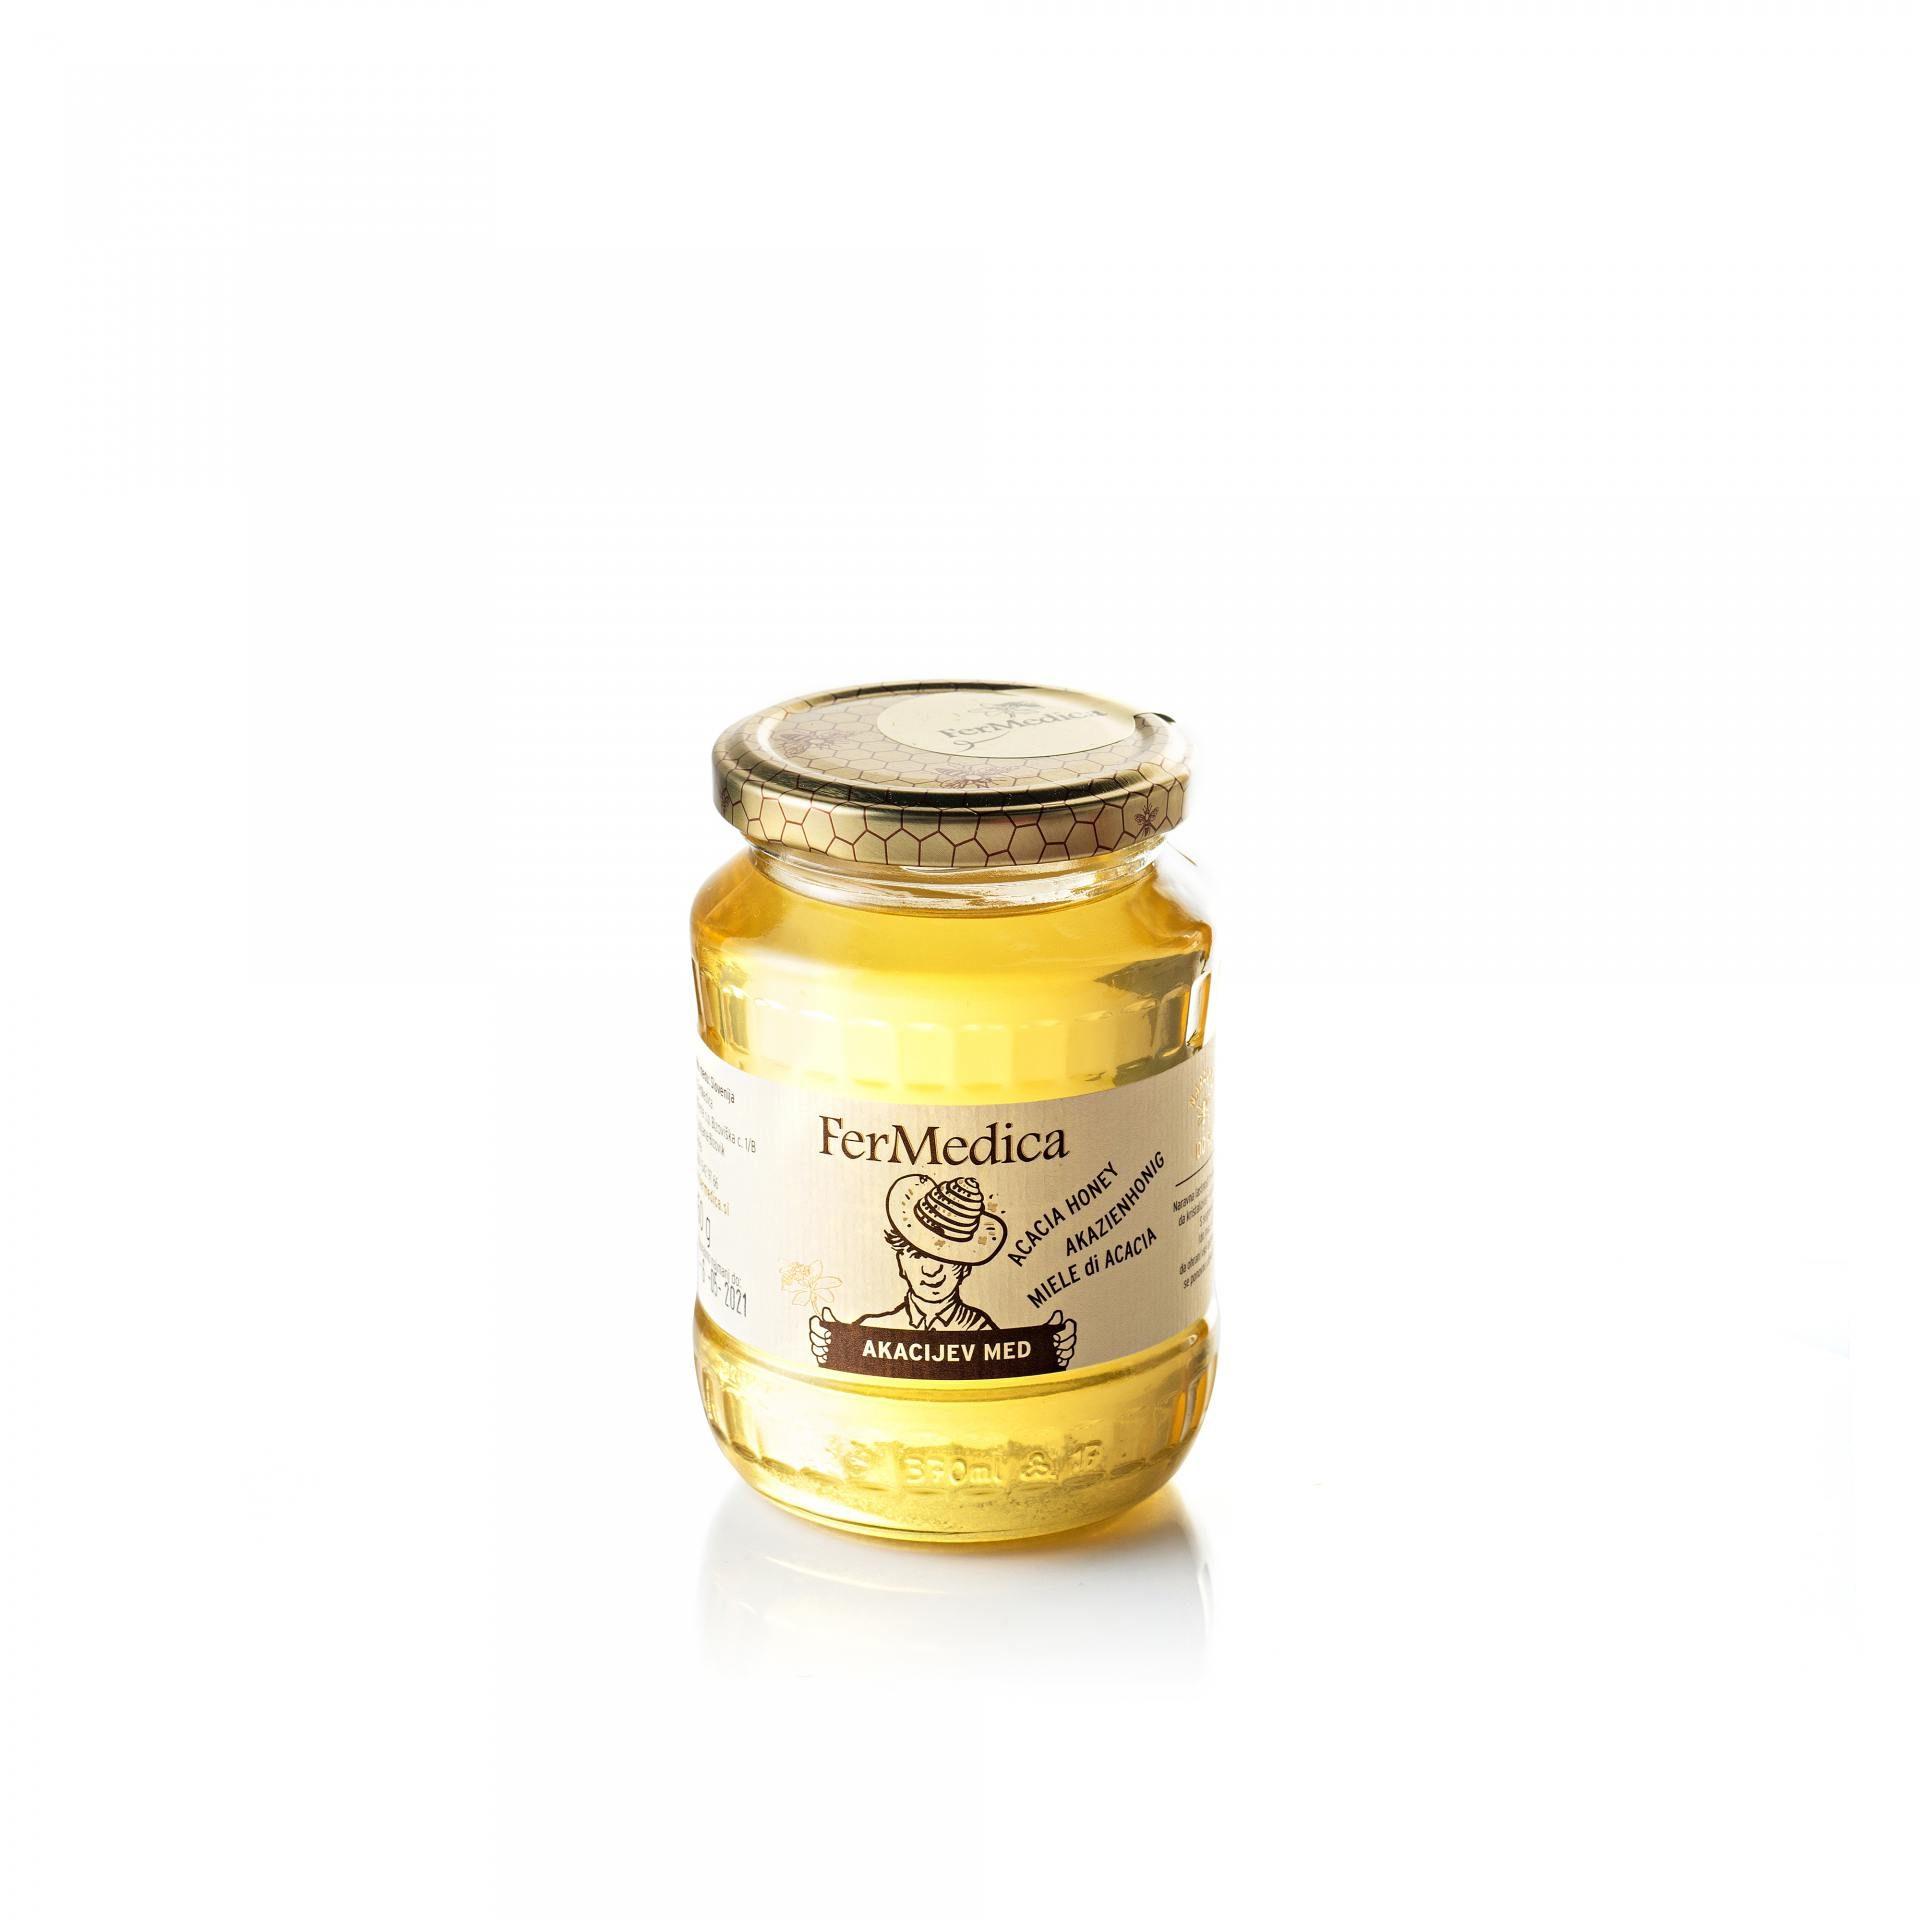 Med in žganje, med z dodatki, darilni seti v lični embalaži fermedica 61